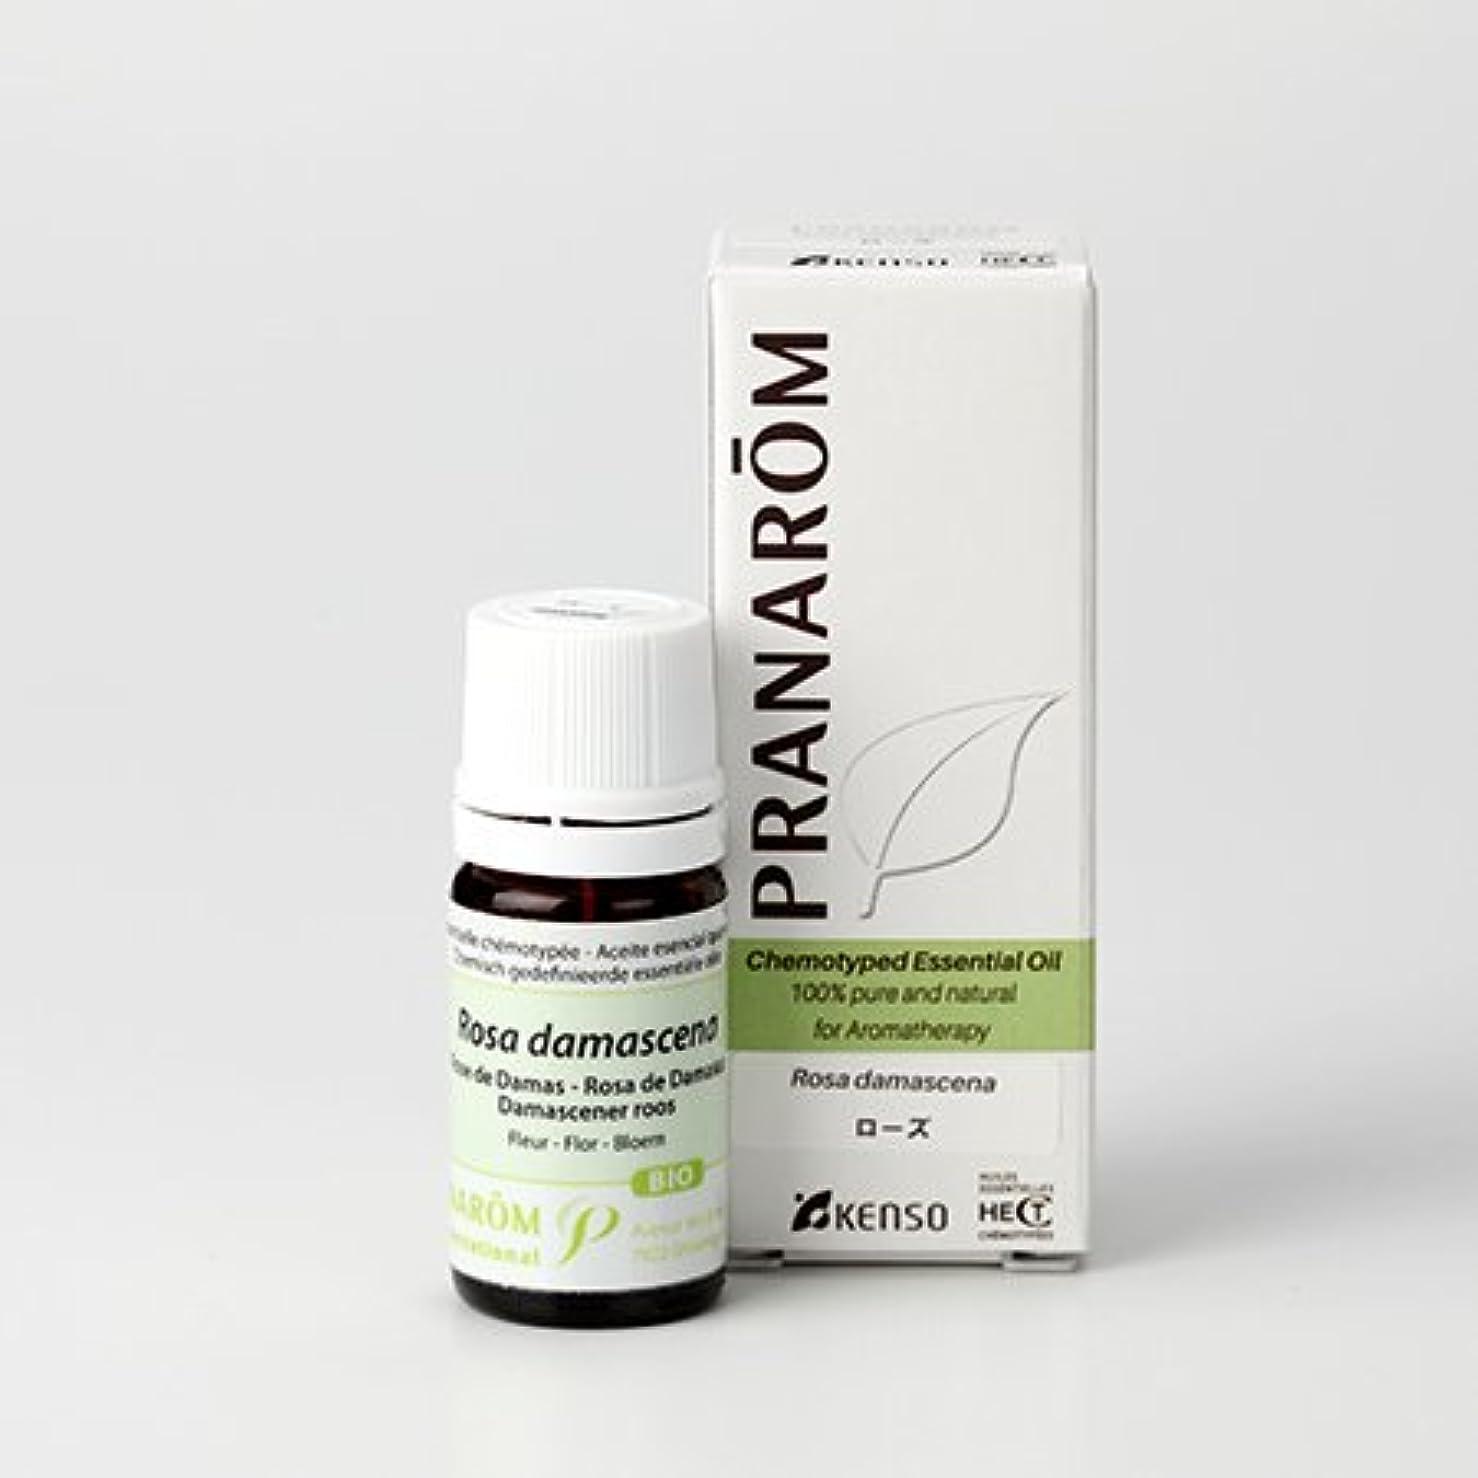 カールエンドウ見せます【ローズ 5ml】→華やかさだけでなく、透明感をもつ、気品にあふれた香り?(フローラル系)[PRANAROM(プラナロム)精油/アロマオイル/エッセンシャルオイル]P-158